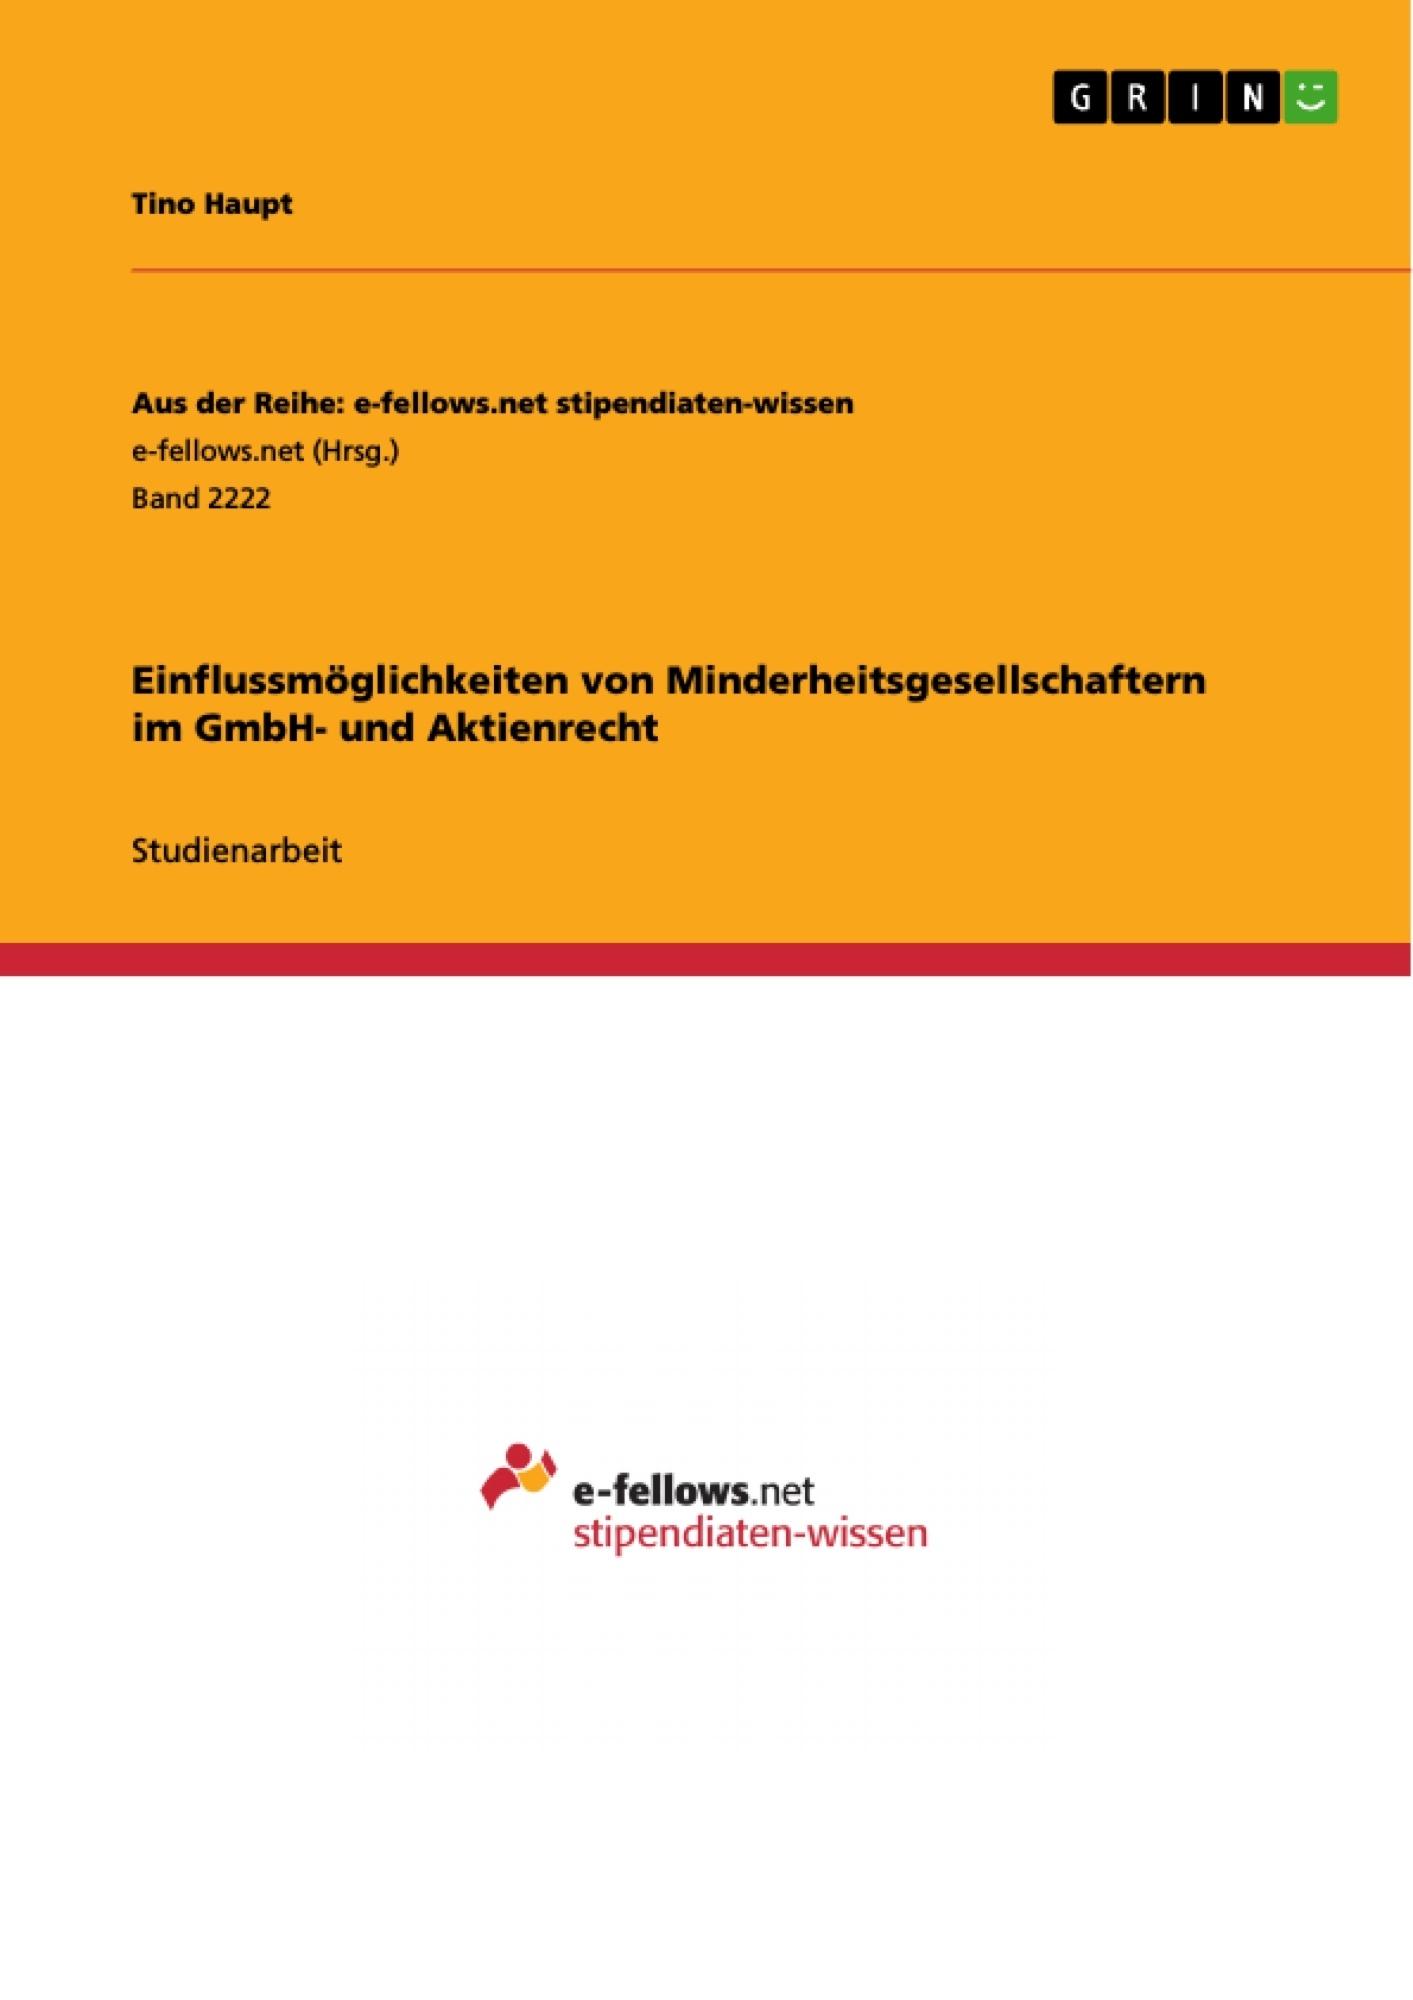 Titel: Einflussmöglichkeiten von Minderheitsgesellschaftern im GmbH- und Aktienrecht